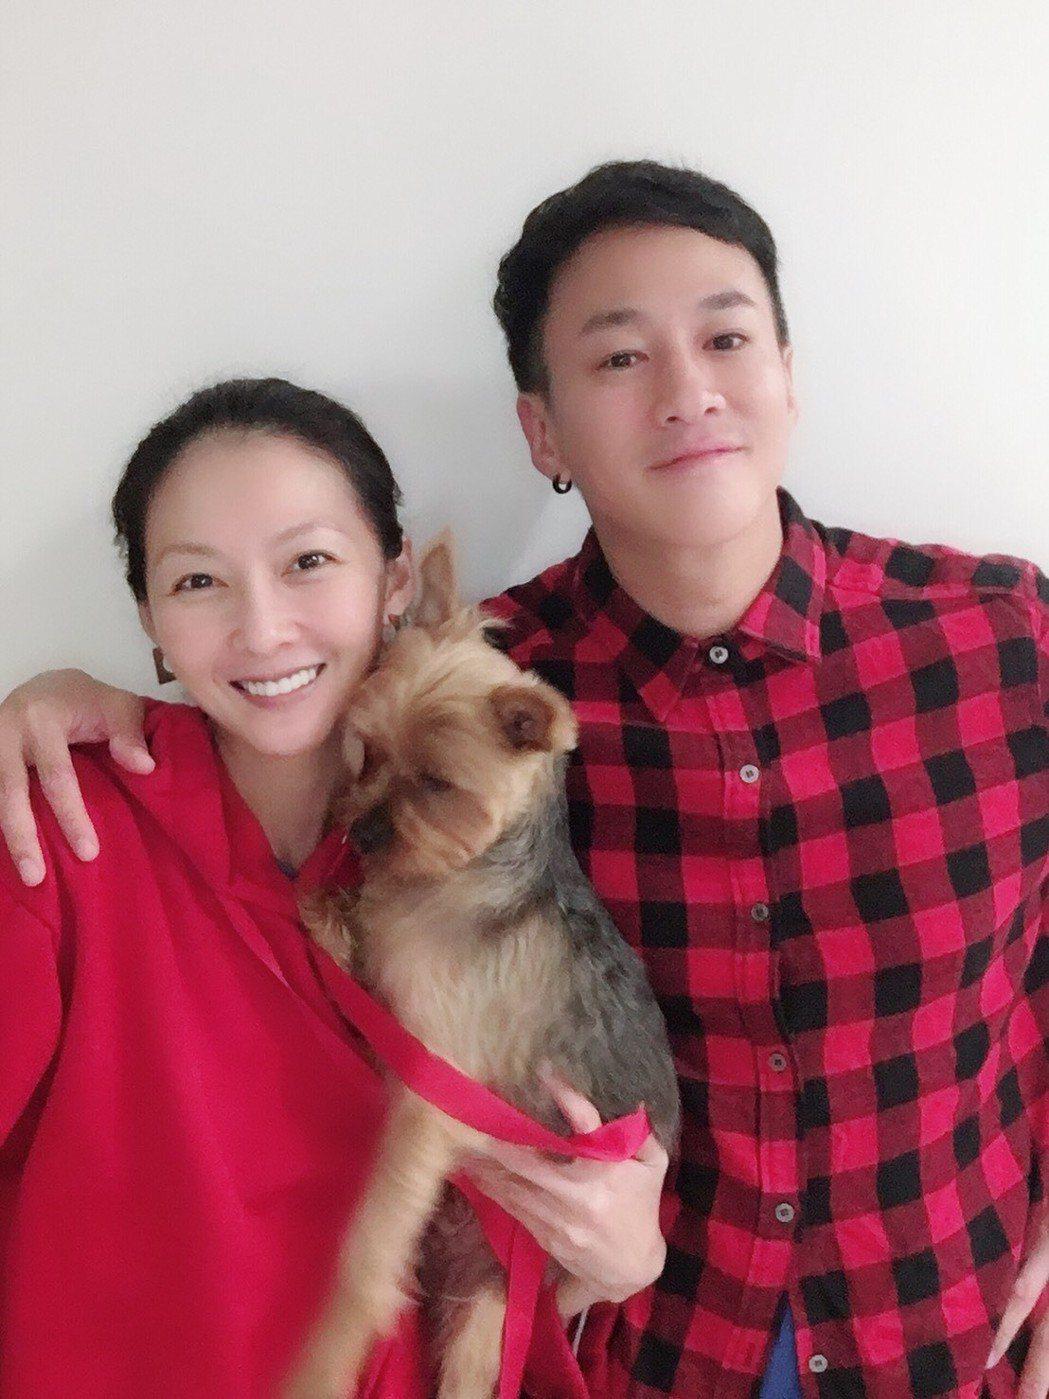 何潤東和老婆Peggy養有3歲狗兒子Oreo「一家三口」好幸福。圖/達騰娛樂提供